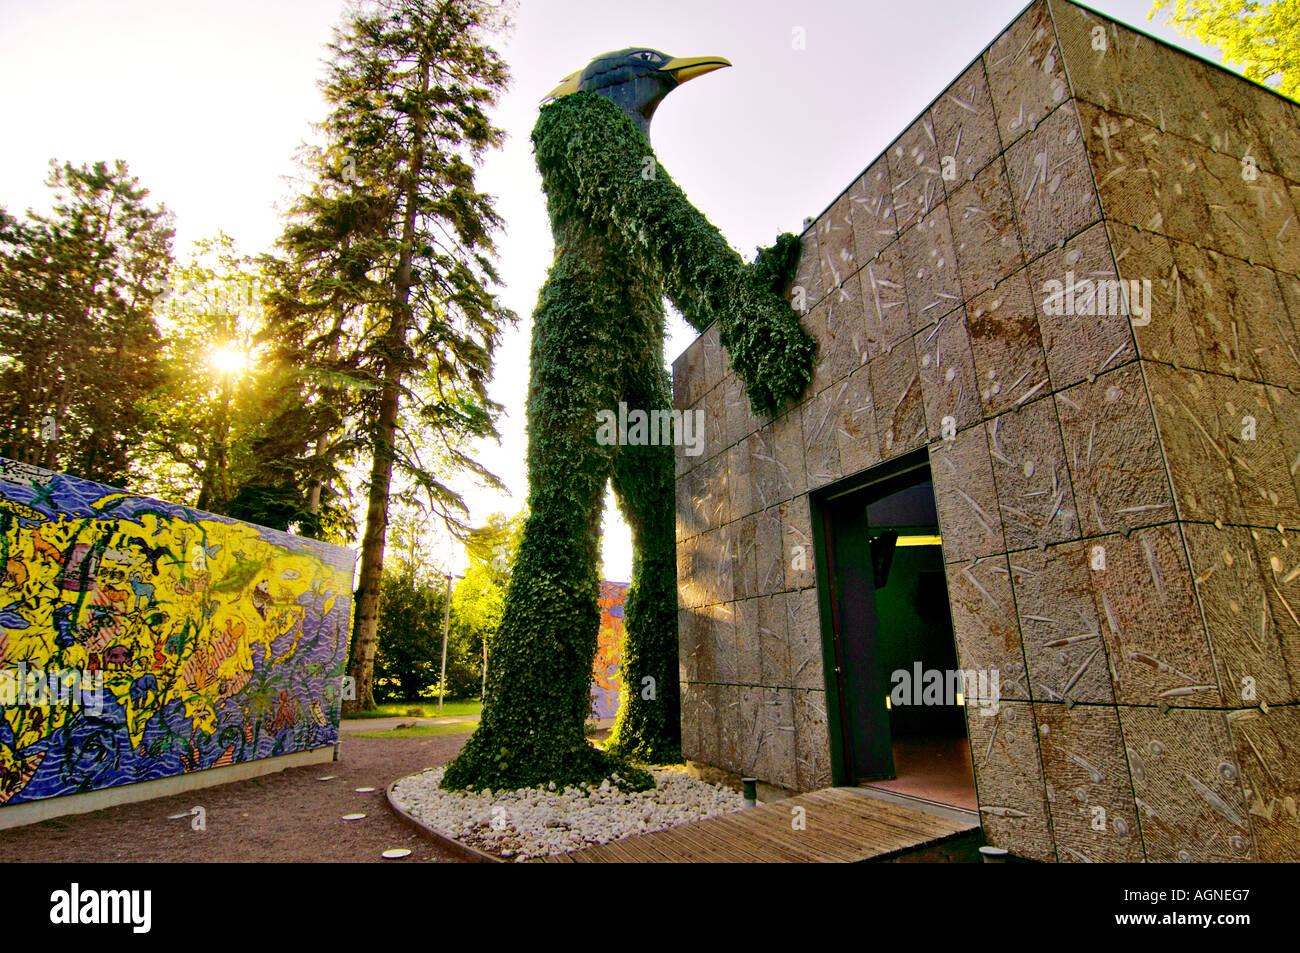 Kunst-Installation - Konzept Andre Heller - Künstler Stefan Szczesny (Expo 2000 Hannover), Alte Abtei Park, Stockbild